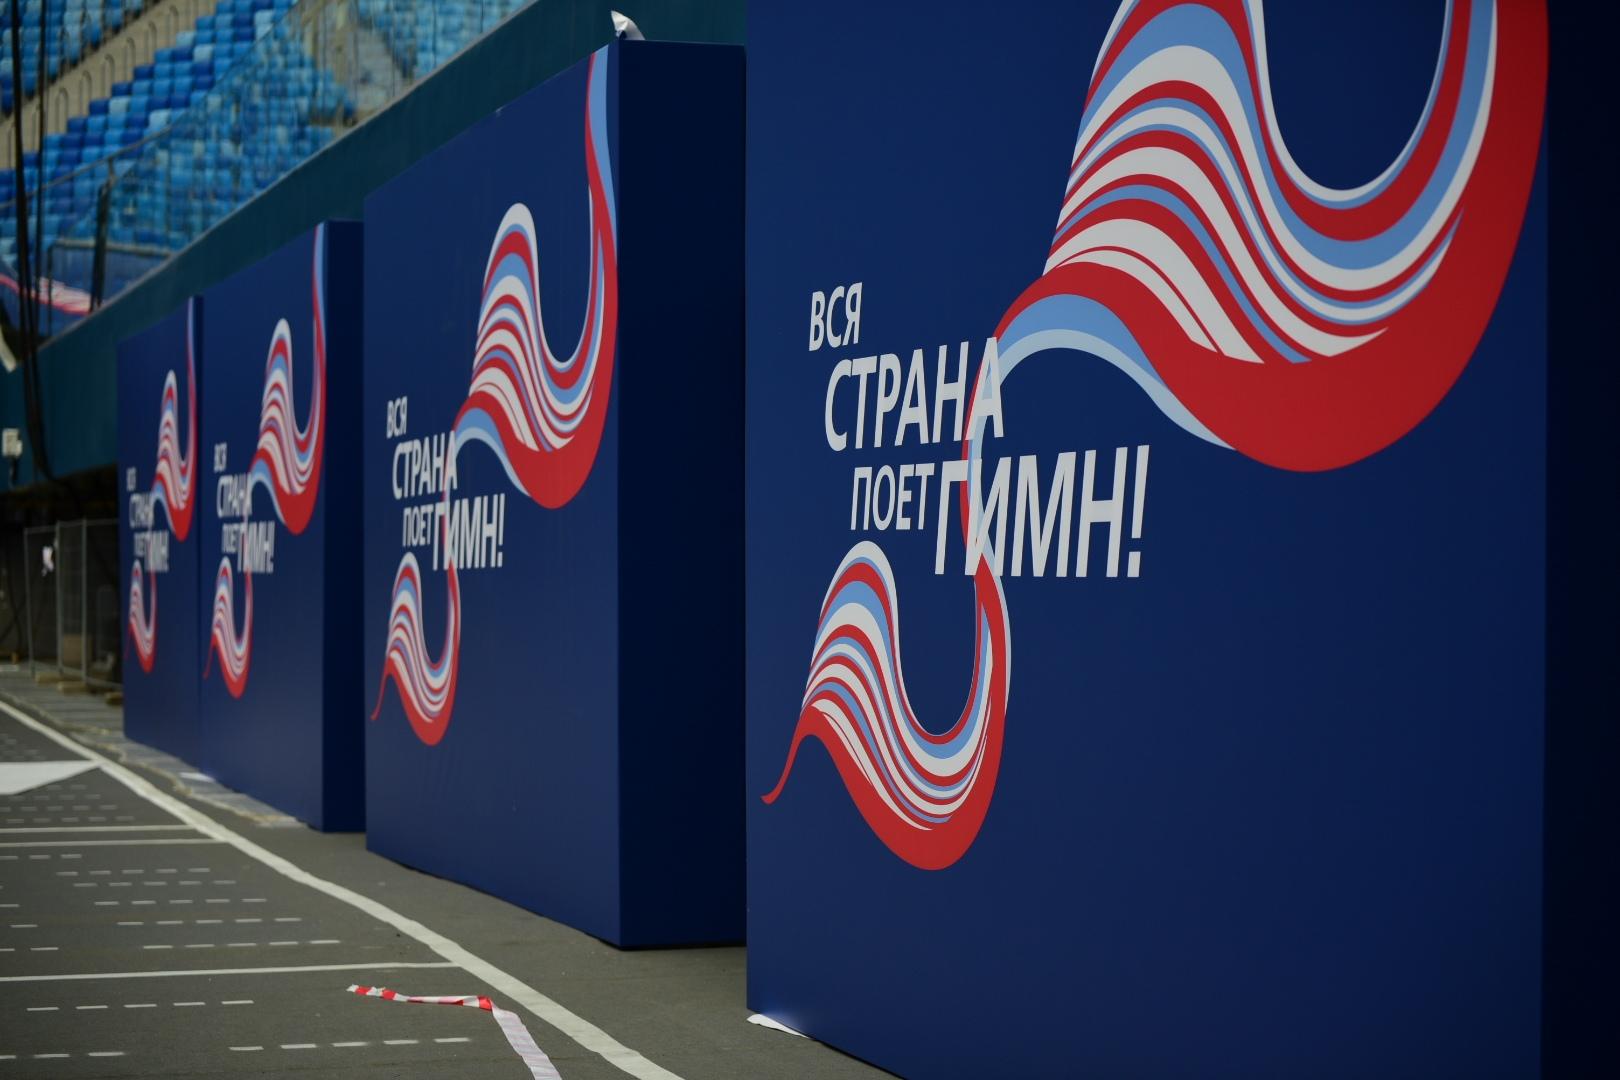 Жители Кузбасса приняли участие в установлении нового мирового рекорда